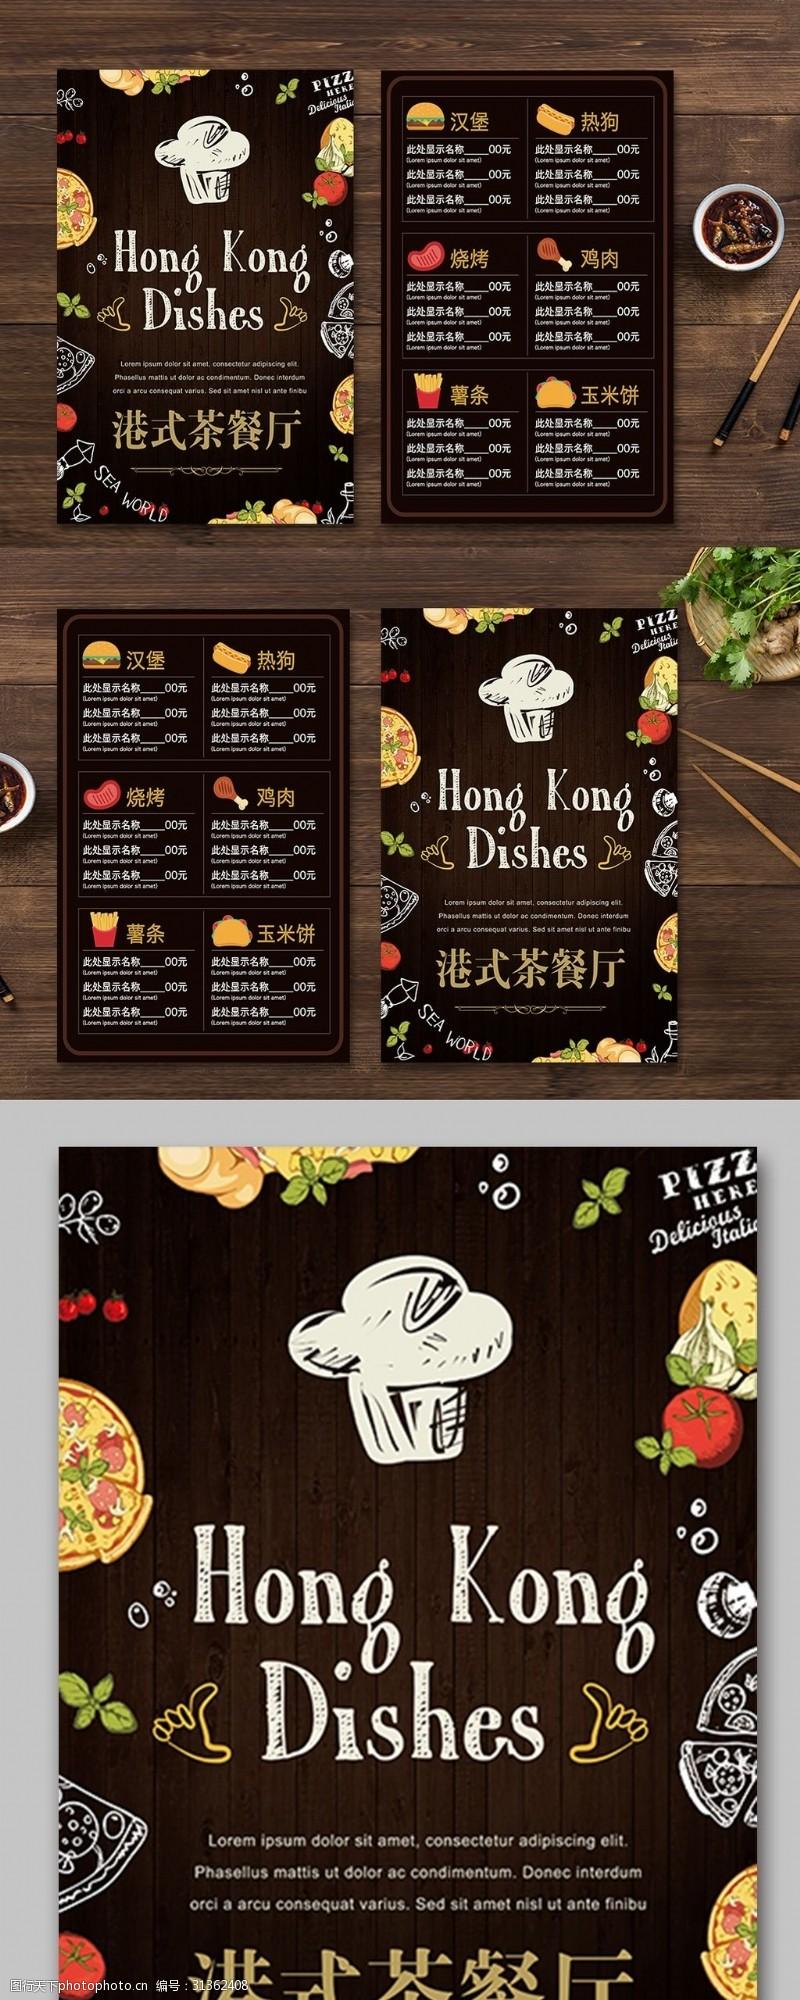 古典时尚设计港式茶餐厅菜单价目表模板设计